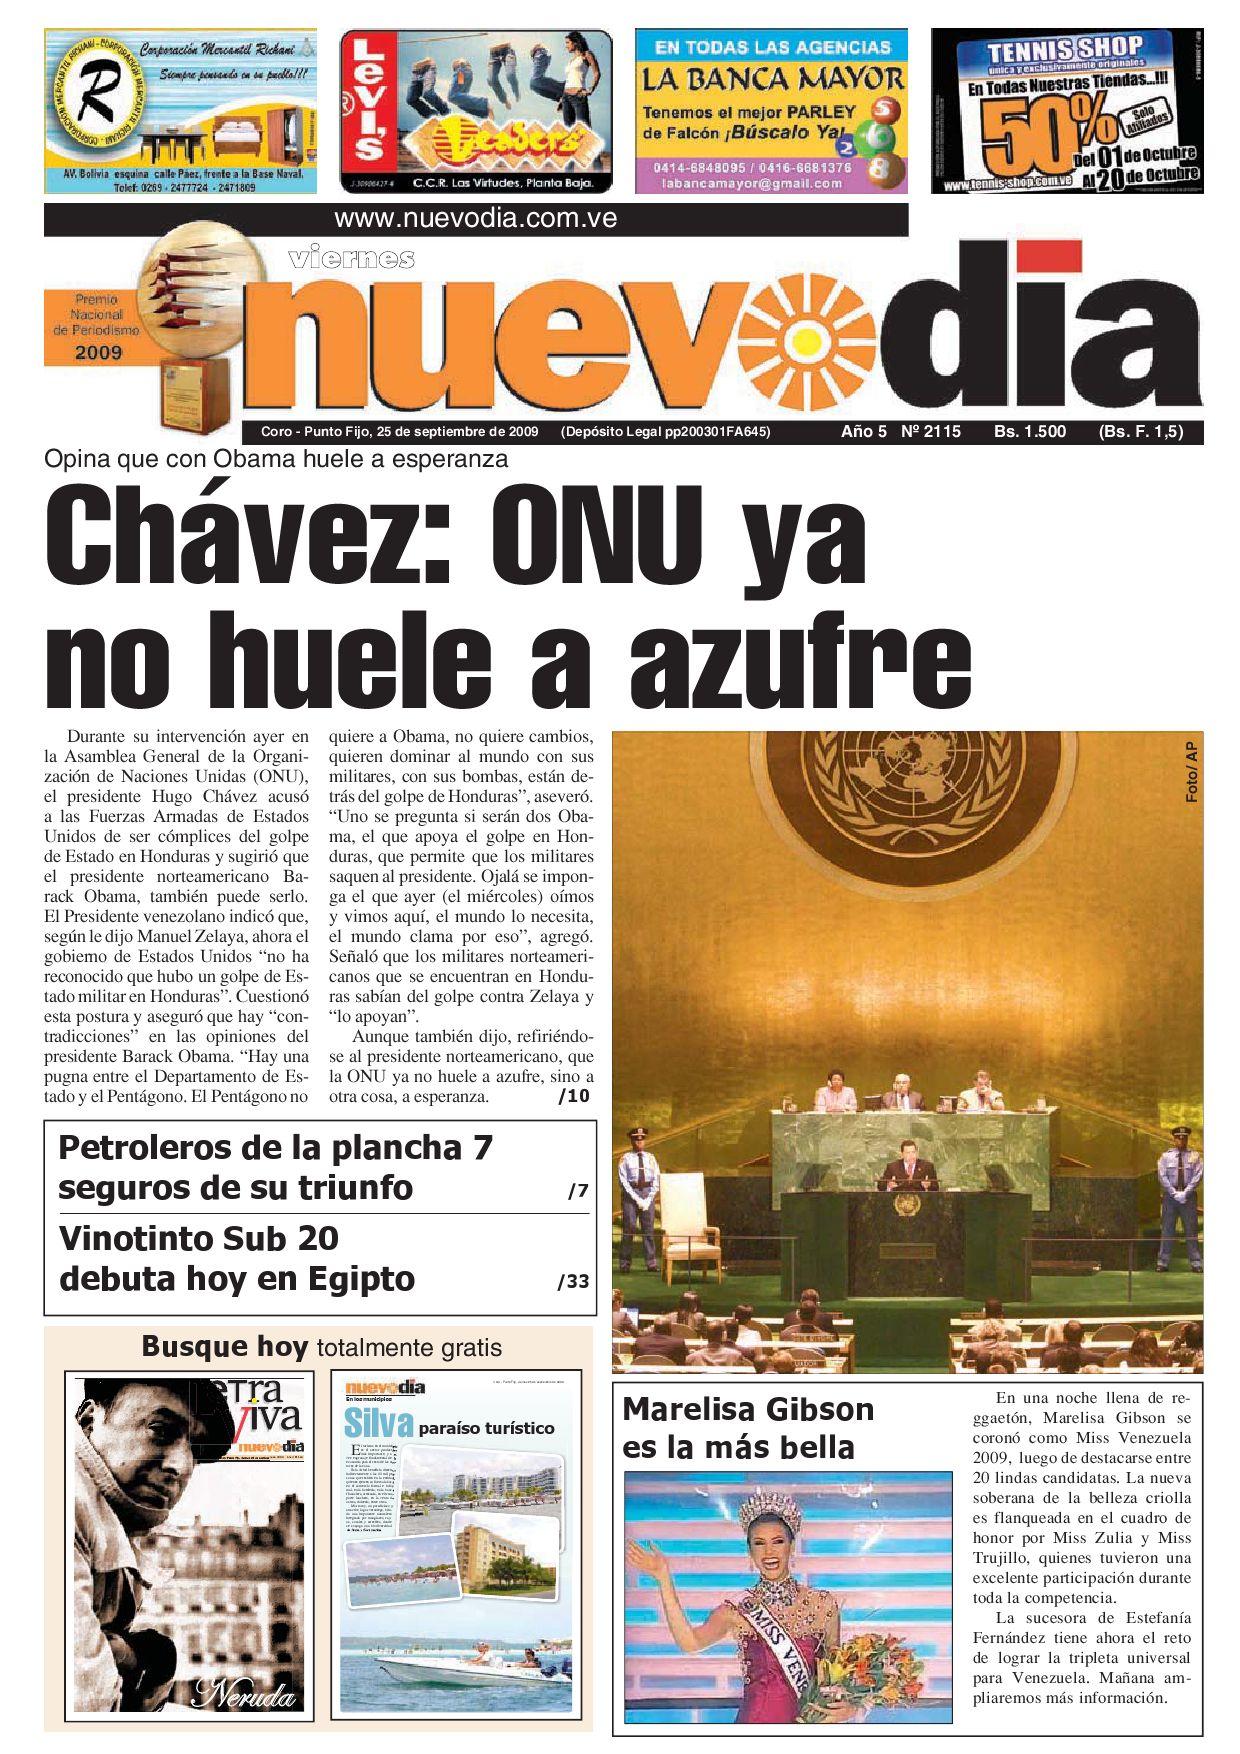 Diario Nuevodia Viernes 25-09-2009 by Diario Nuevo Día - issuu